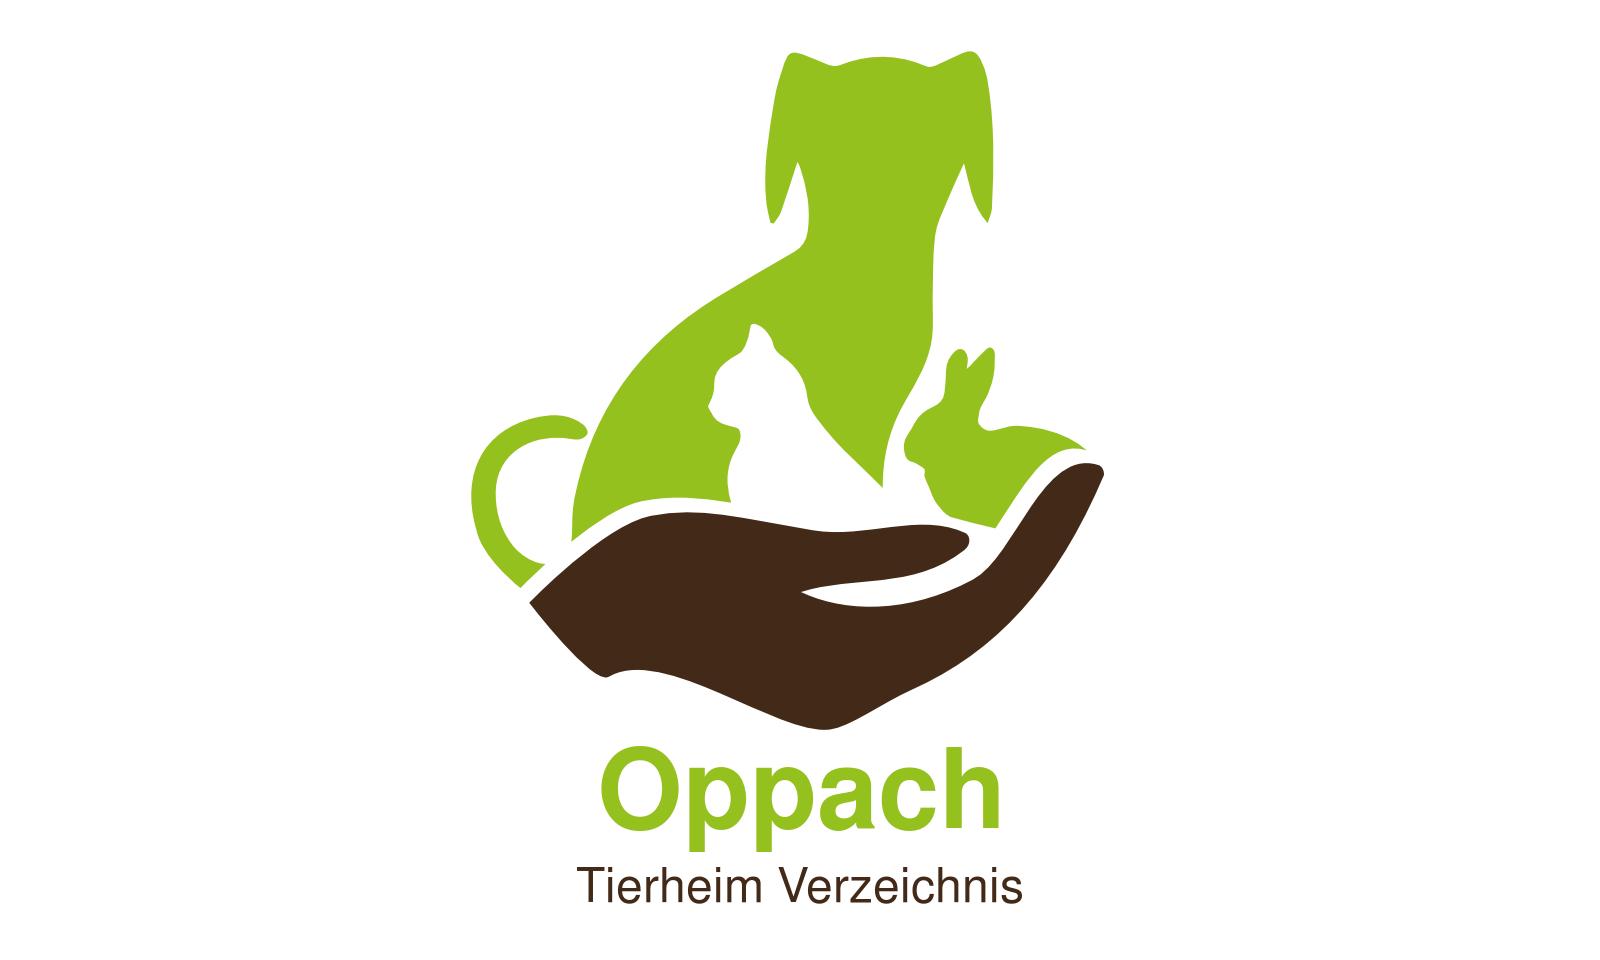 Tierheim Oppach